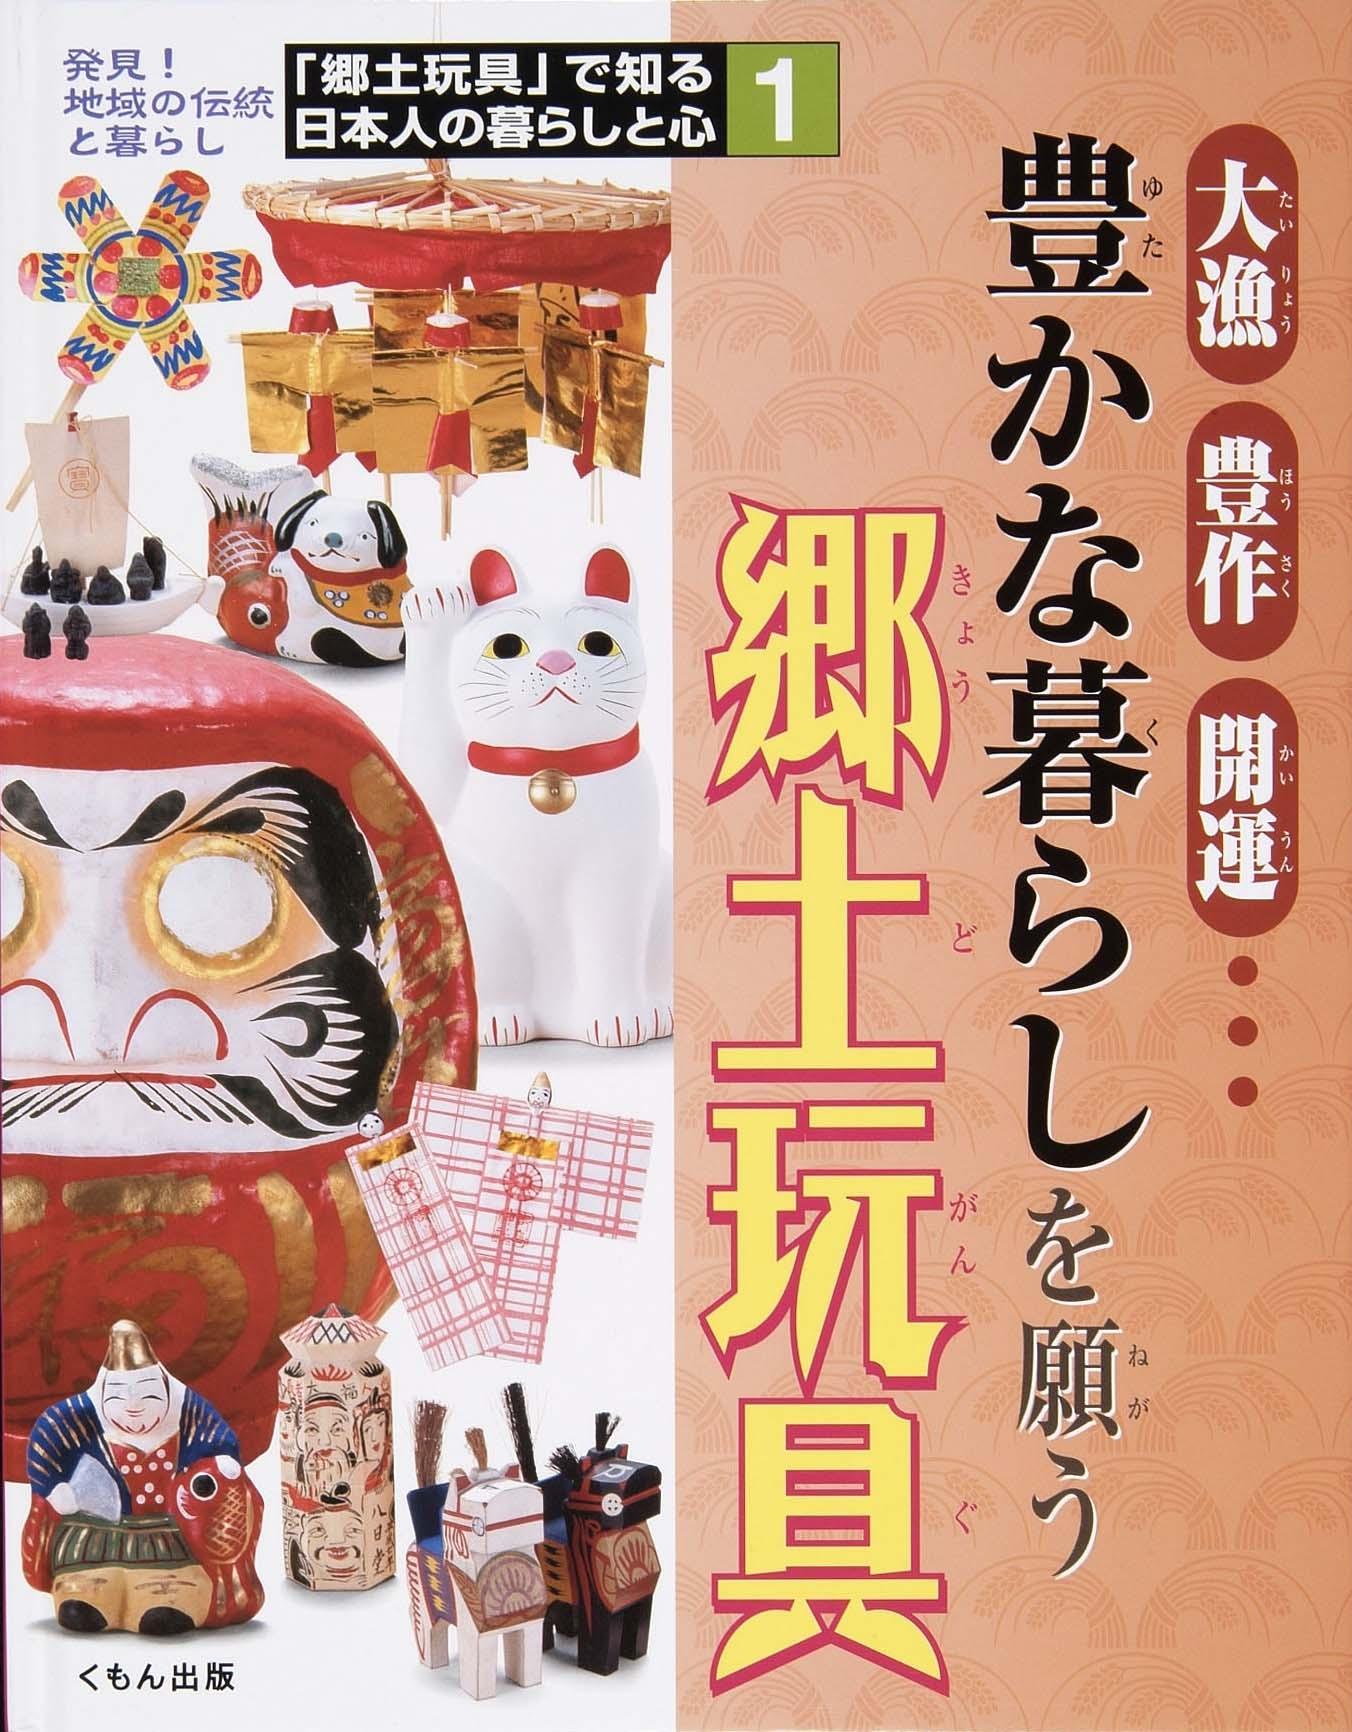 郷土玩具で知る日本人の暮らしと心1 豊かな暮らしを願う郷土玩具